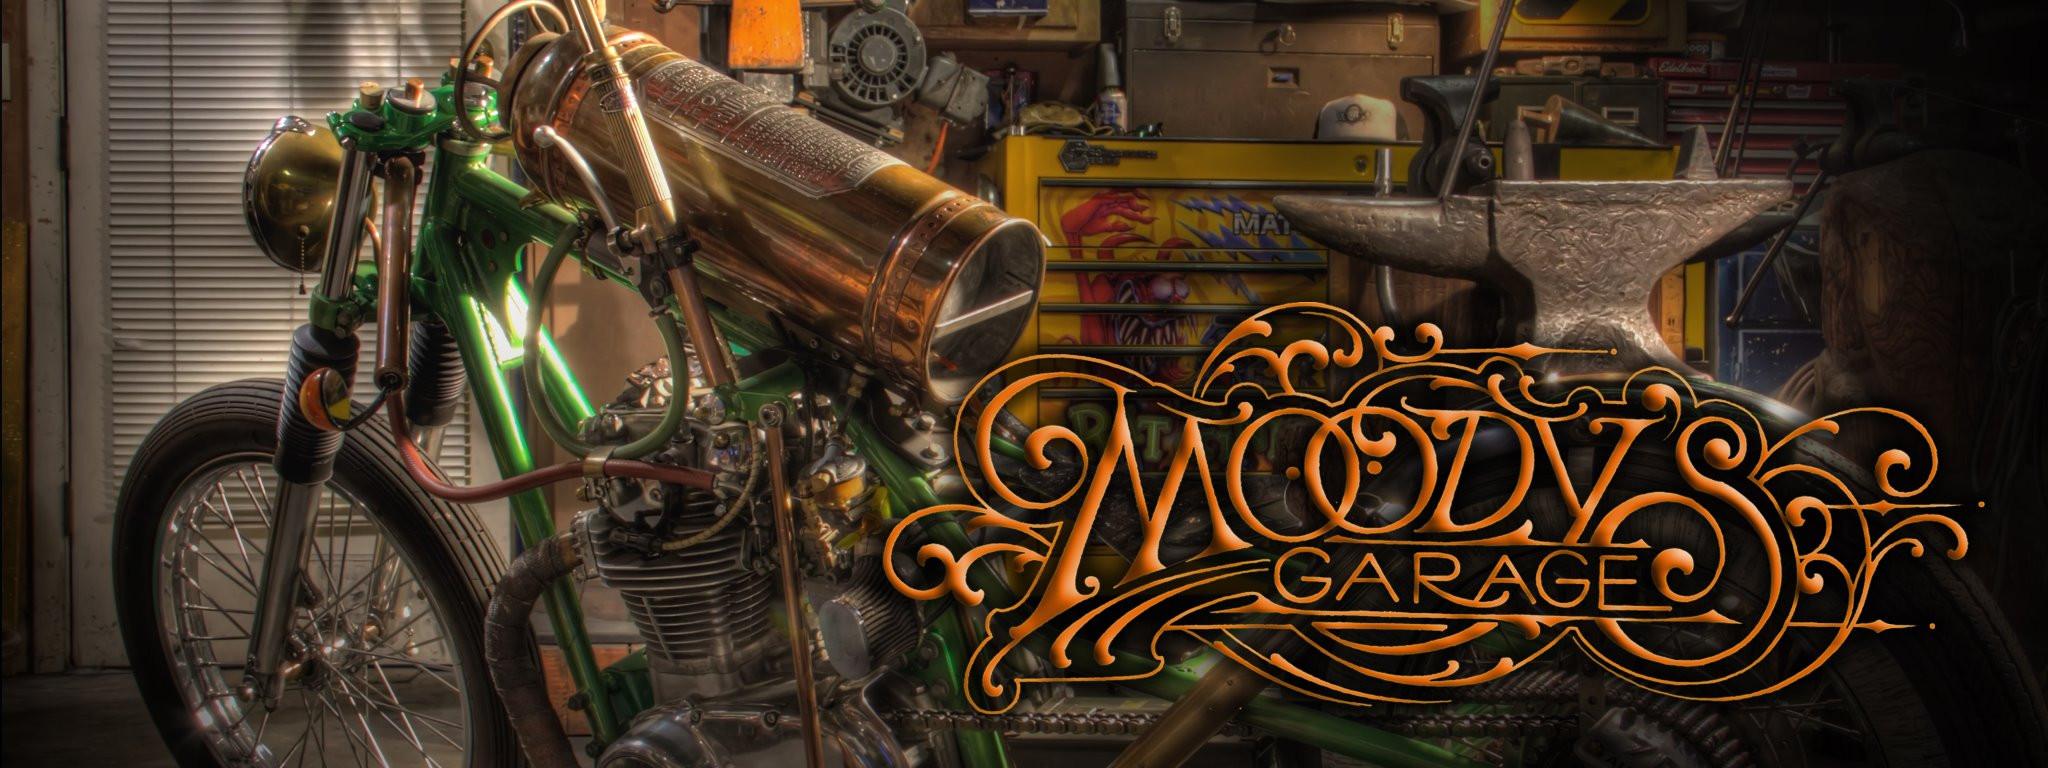 MOODYS GARAGE3.jpg